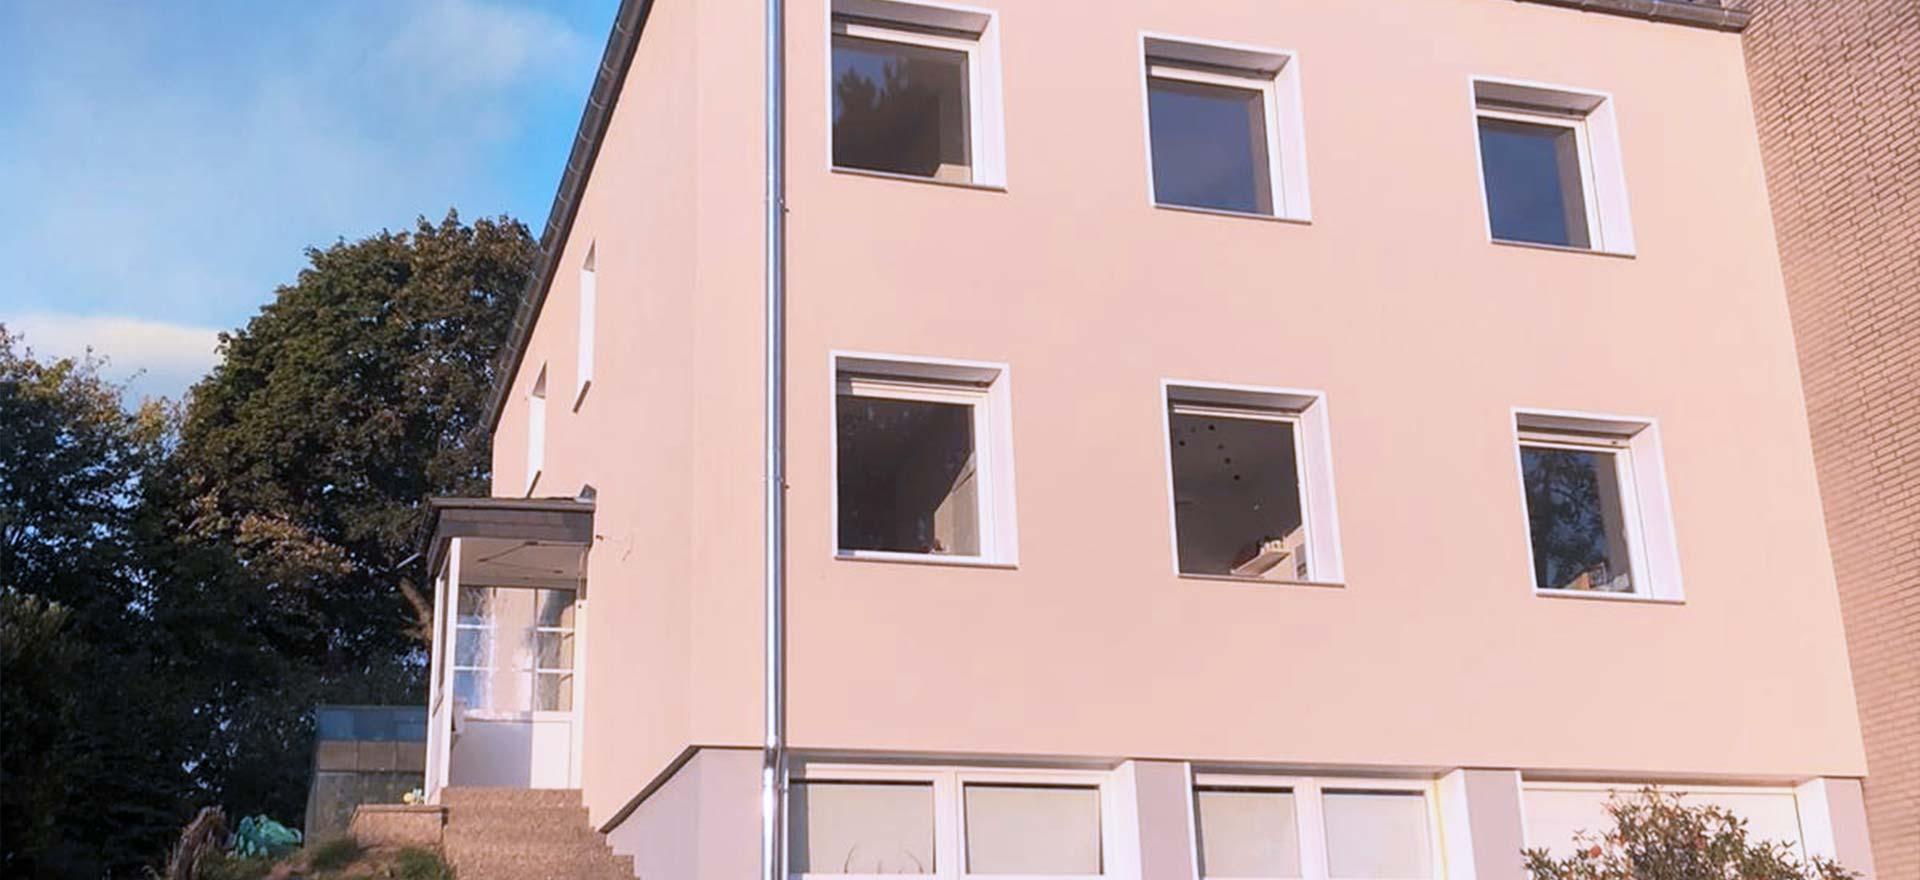 Impressionen_Hausfassade